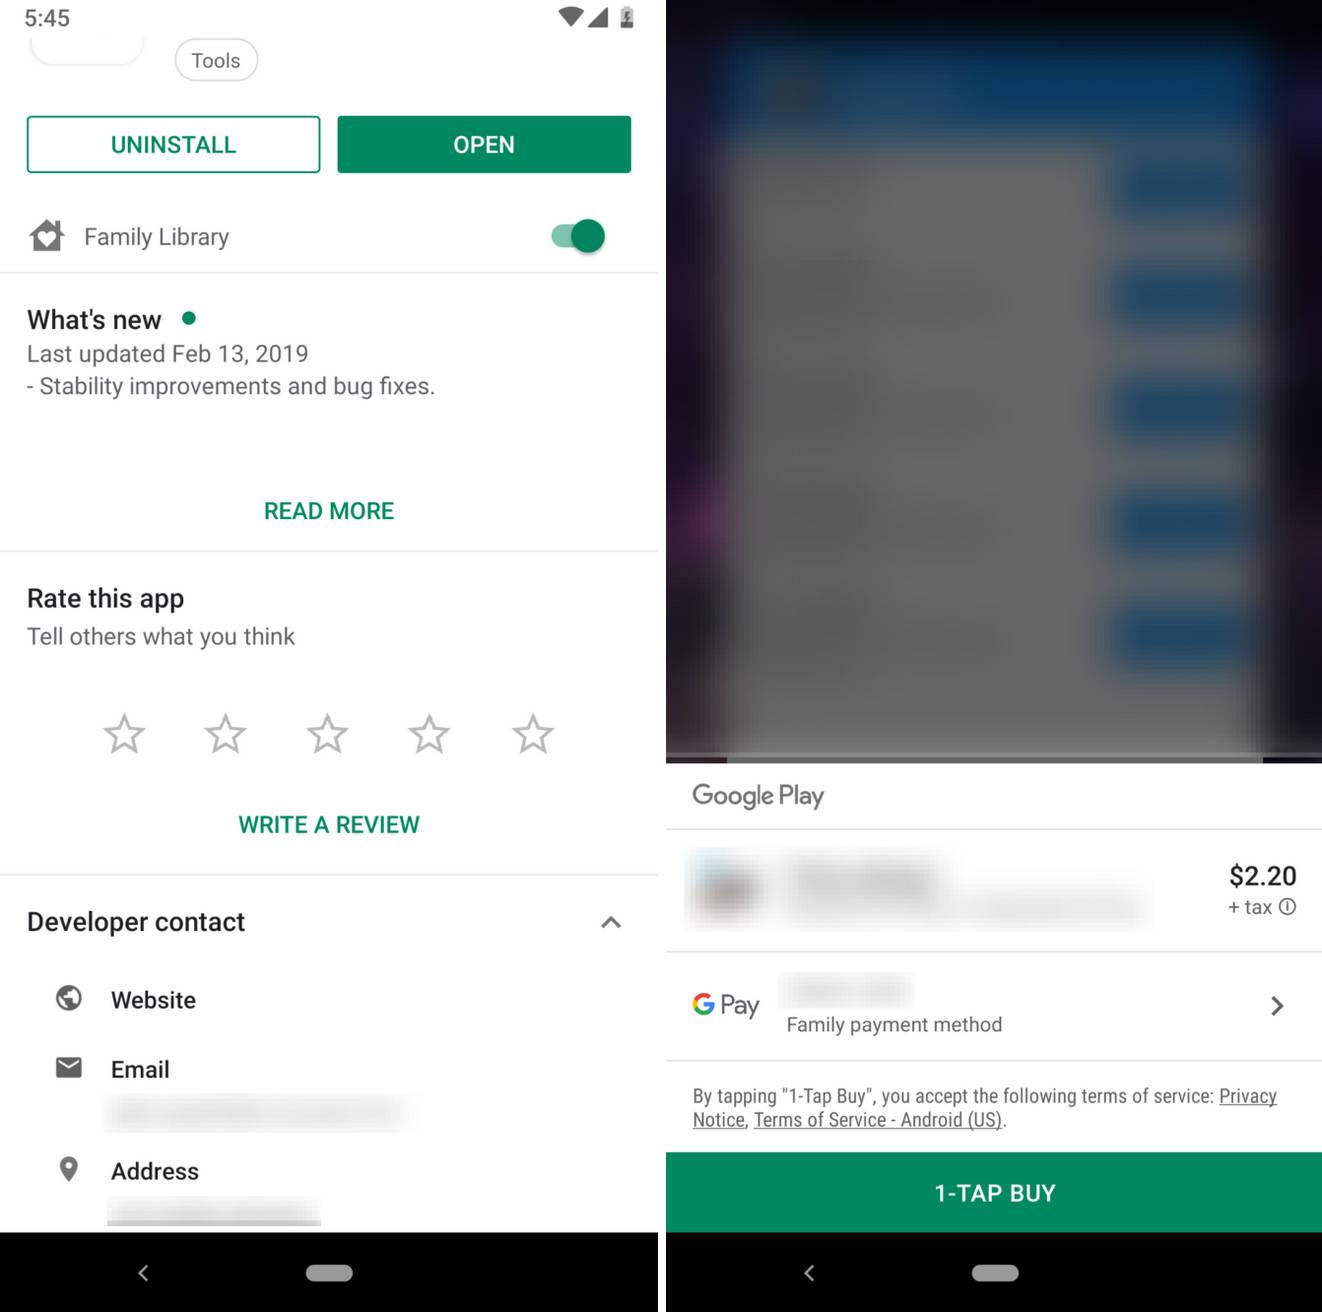 Sklep Play 15.9 aplikacje Google zakupy wewnątrz aplikacje oceny recenzje opinie mikrotransakcje